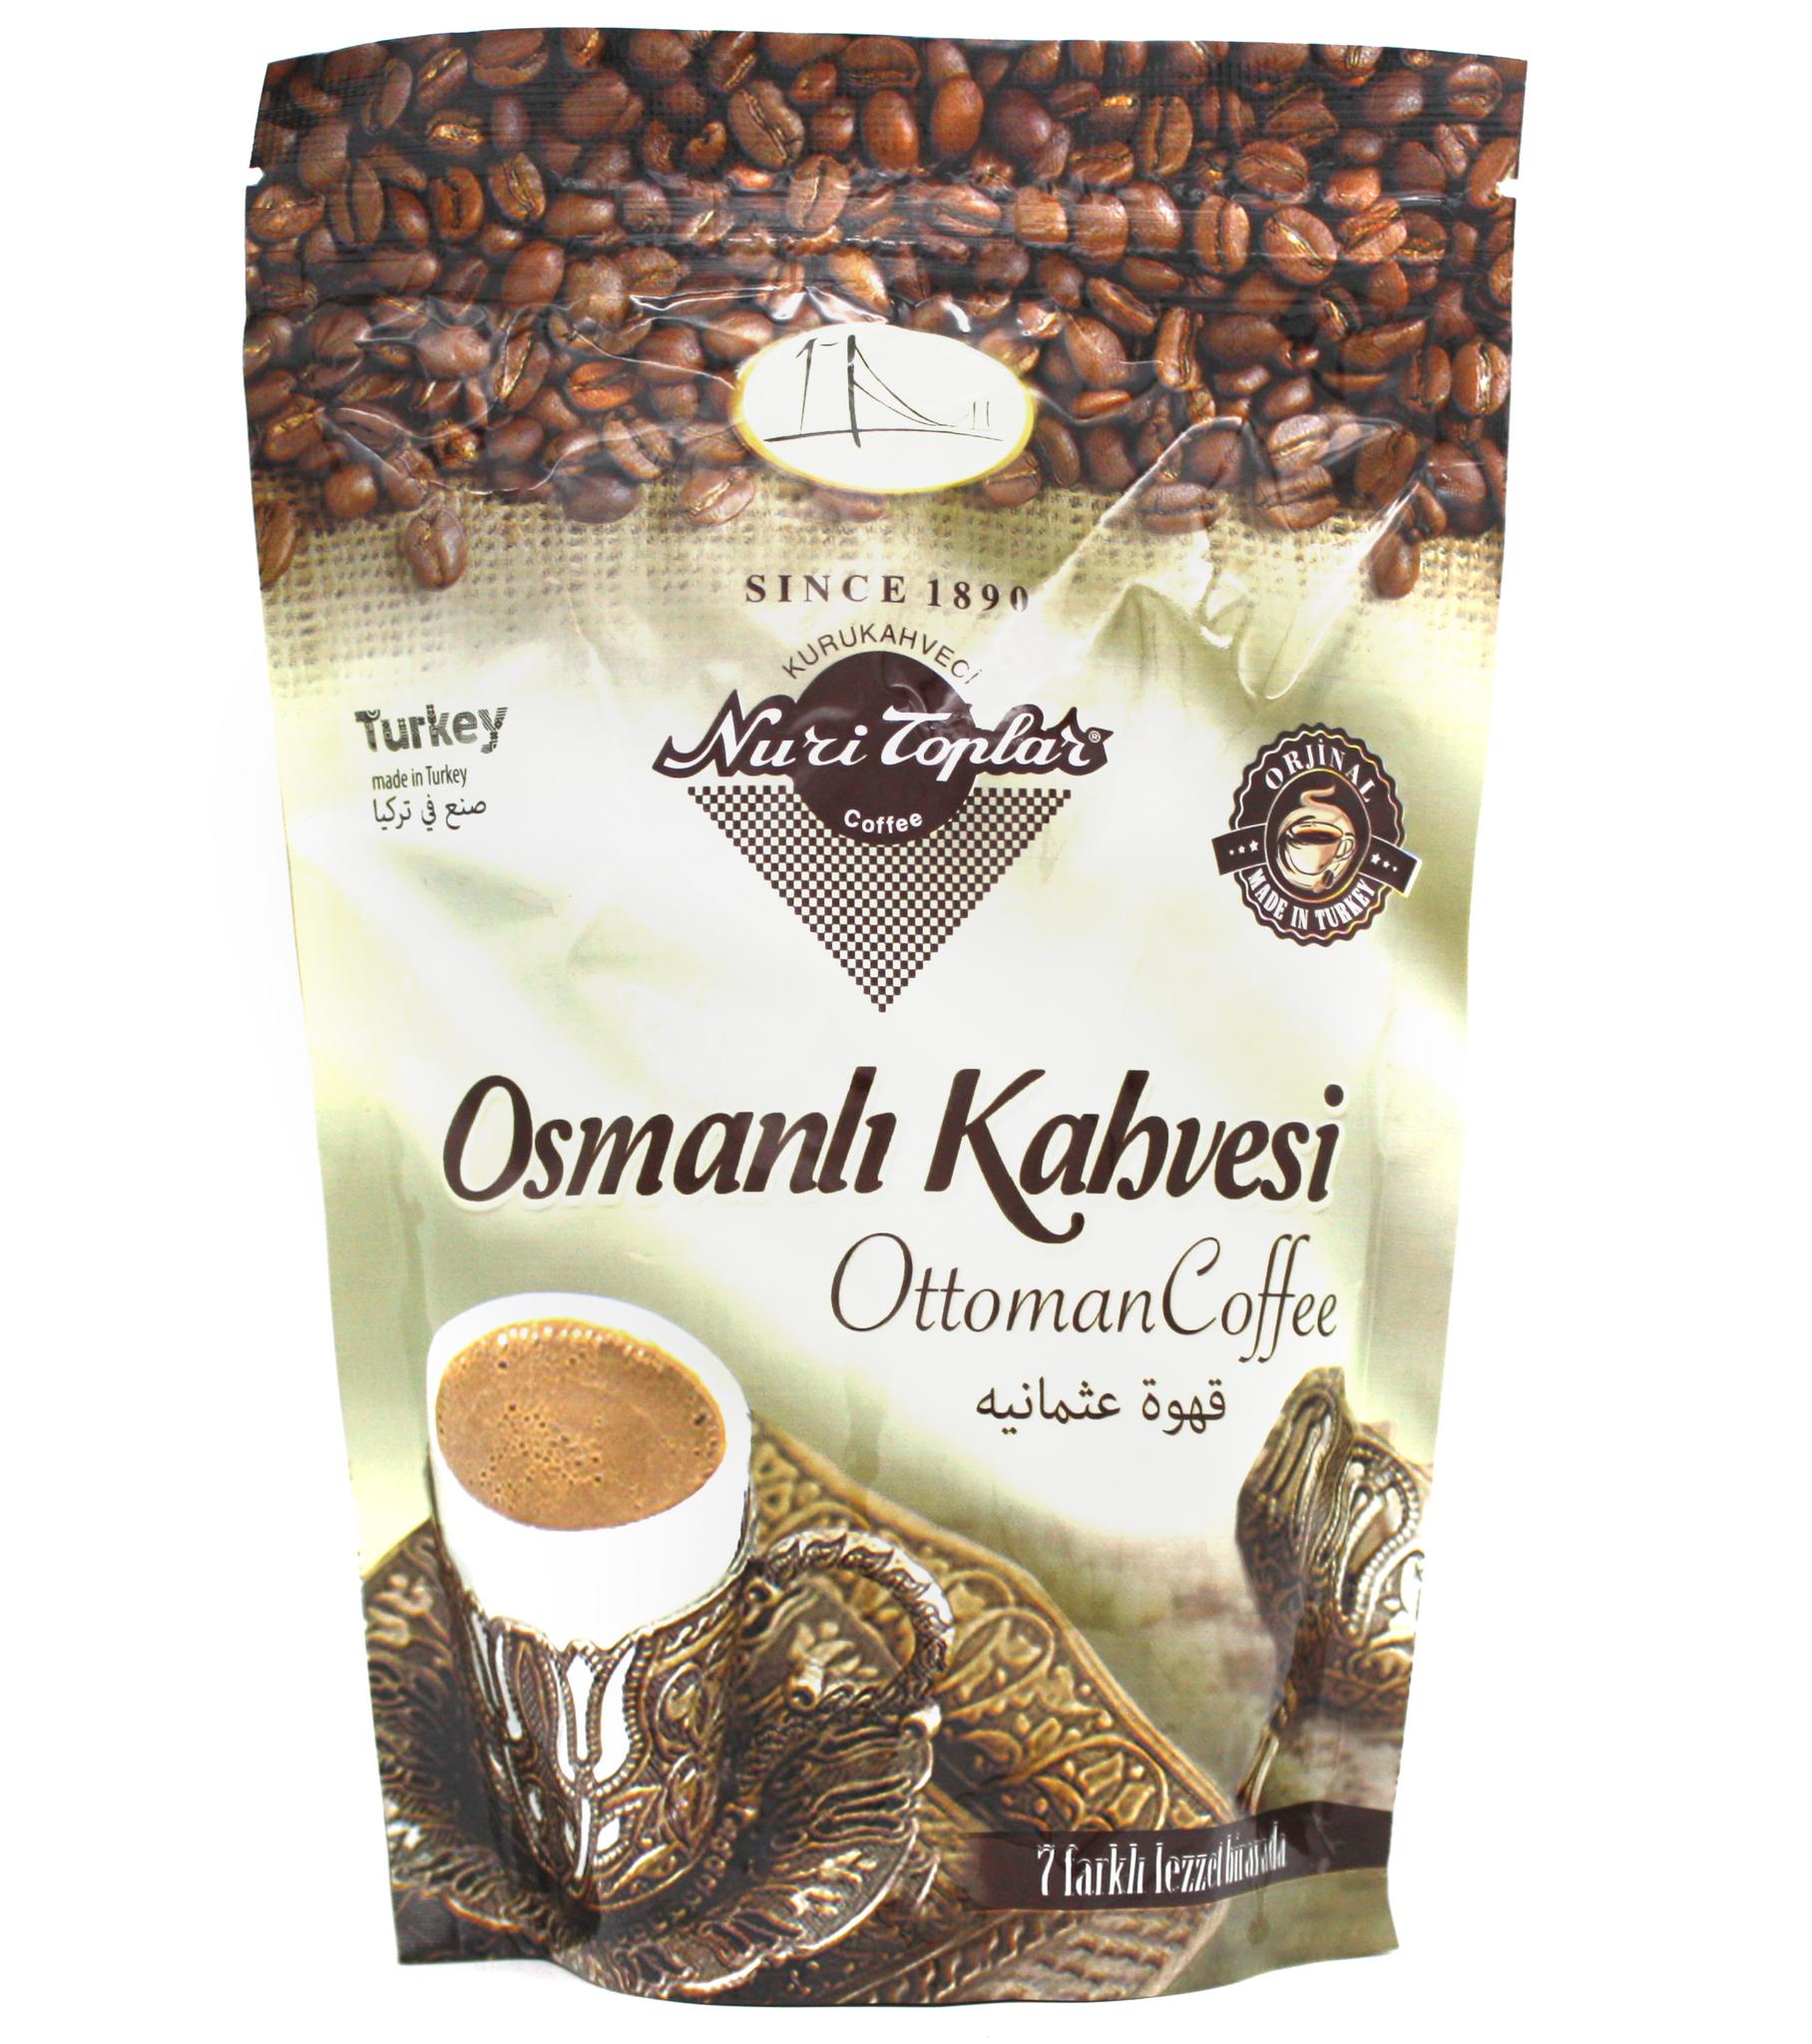 Кофейный напиток Османский кофе Osmanli Kahvesi, Nuri Toplar, 250 г import_files_48_48a2def7d9e211e9a9b6484d7ecee297_c2b1d520ebee11e9a9b7484d7ecee297.jpg